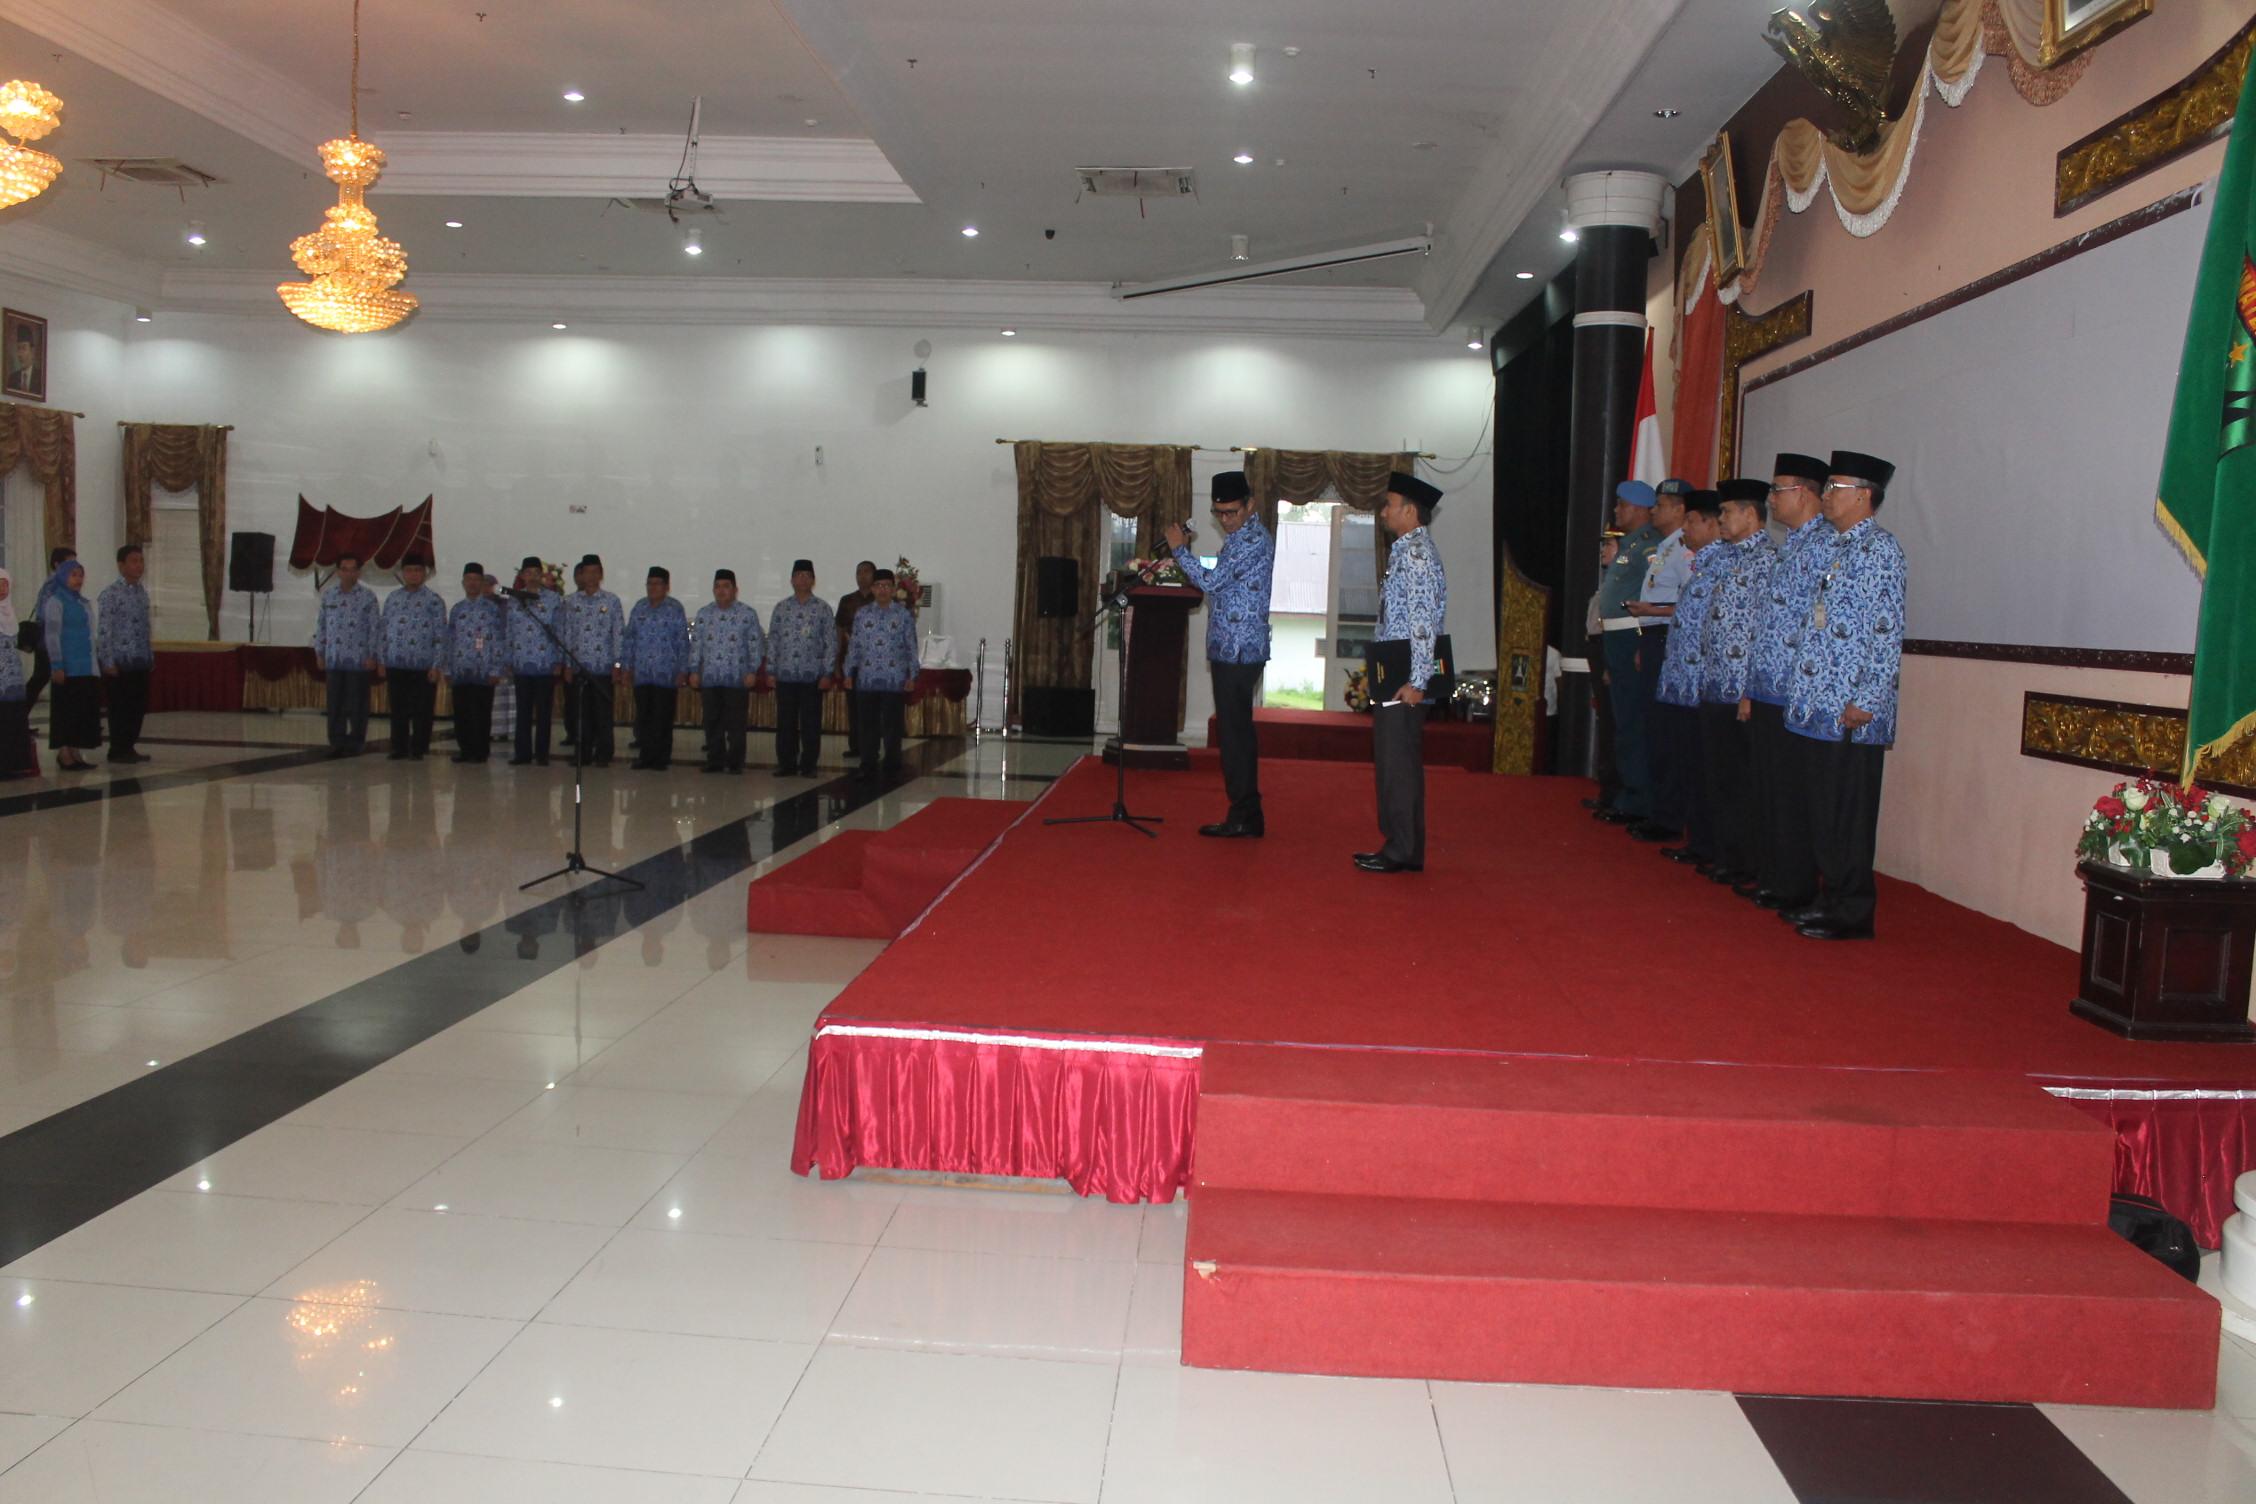 Peringatan Hari Lingkungan Hidup Provinsi Sumatera Barat Tahun 2016 Berlangsung Khidmat di Aula Auditorium Gubernur